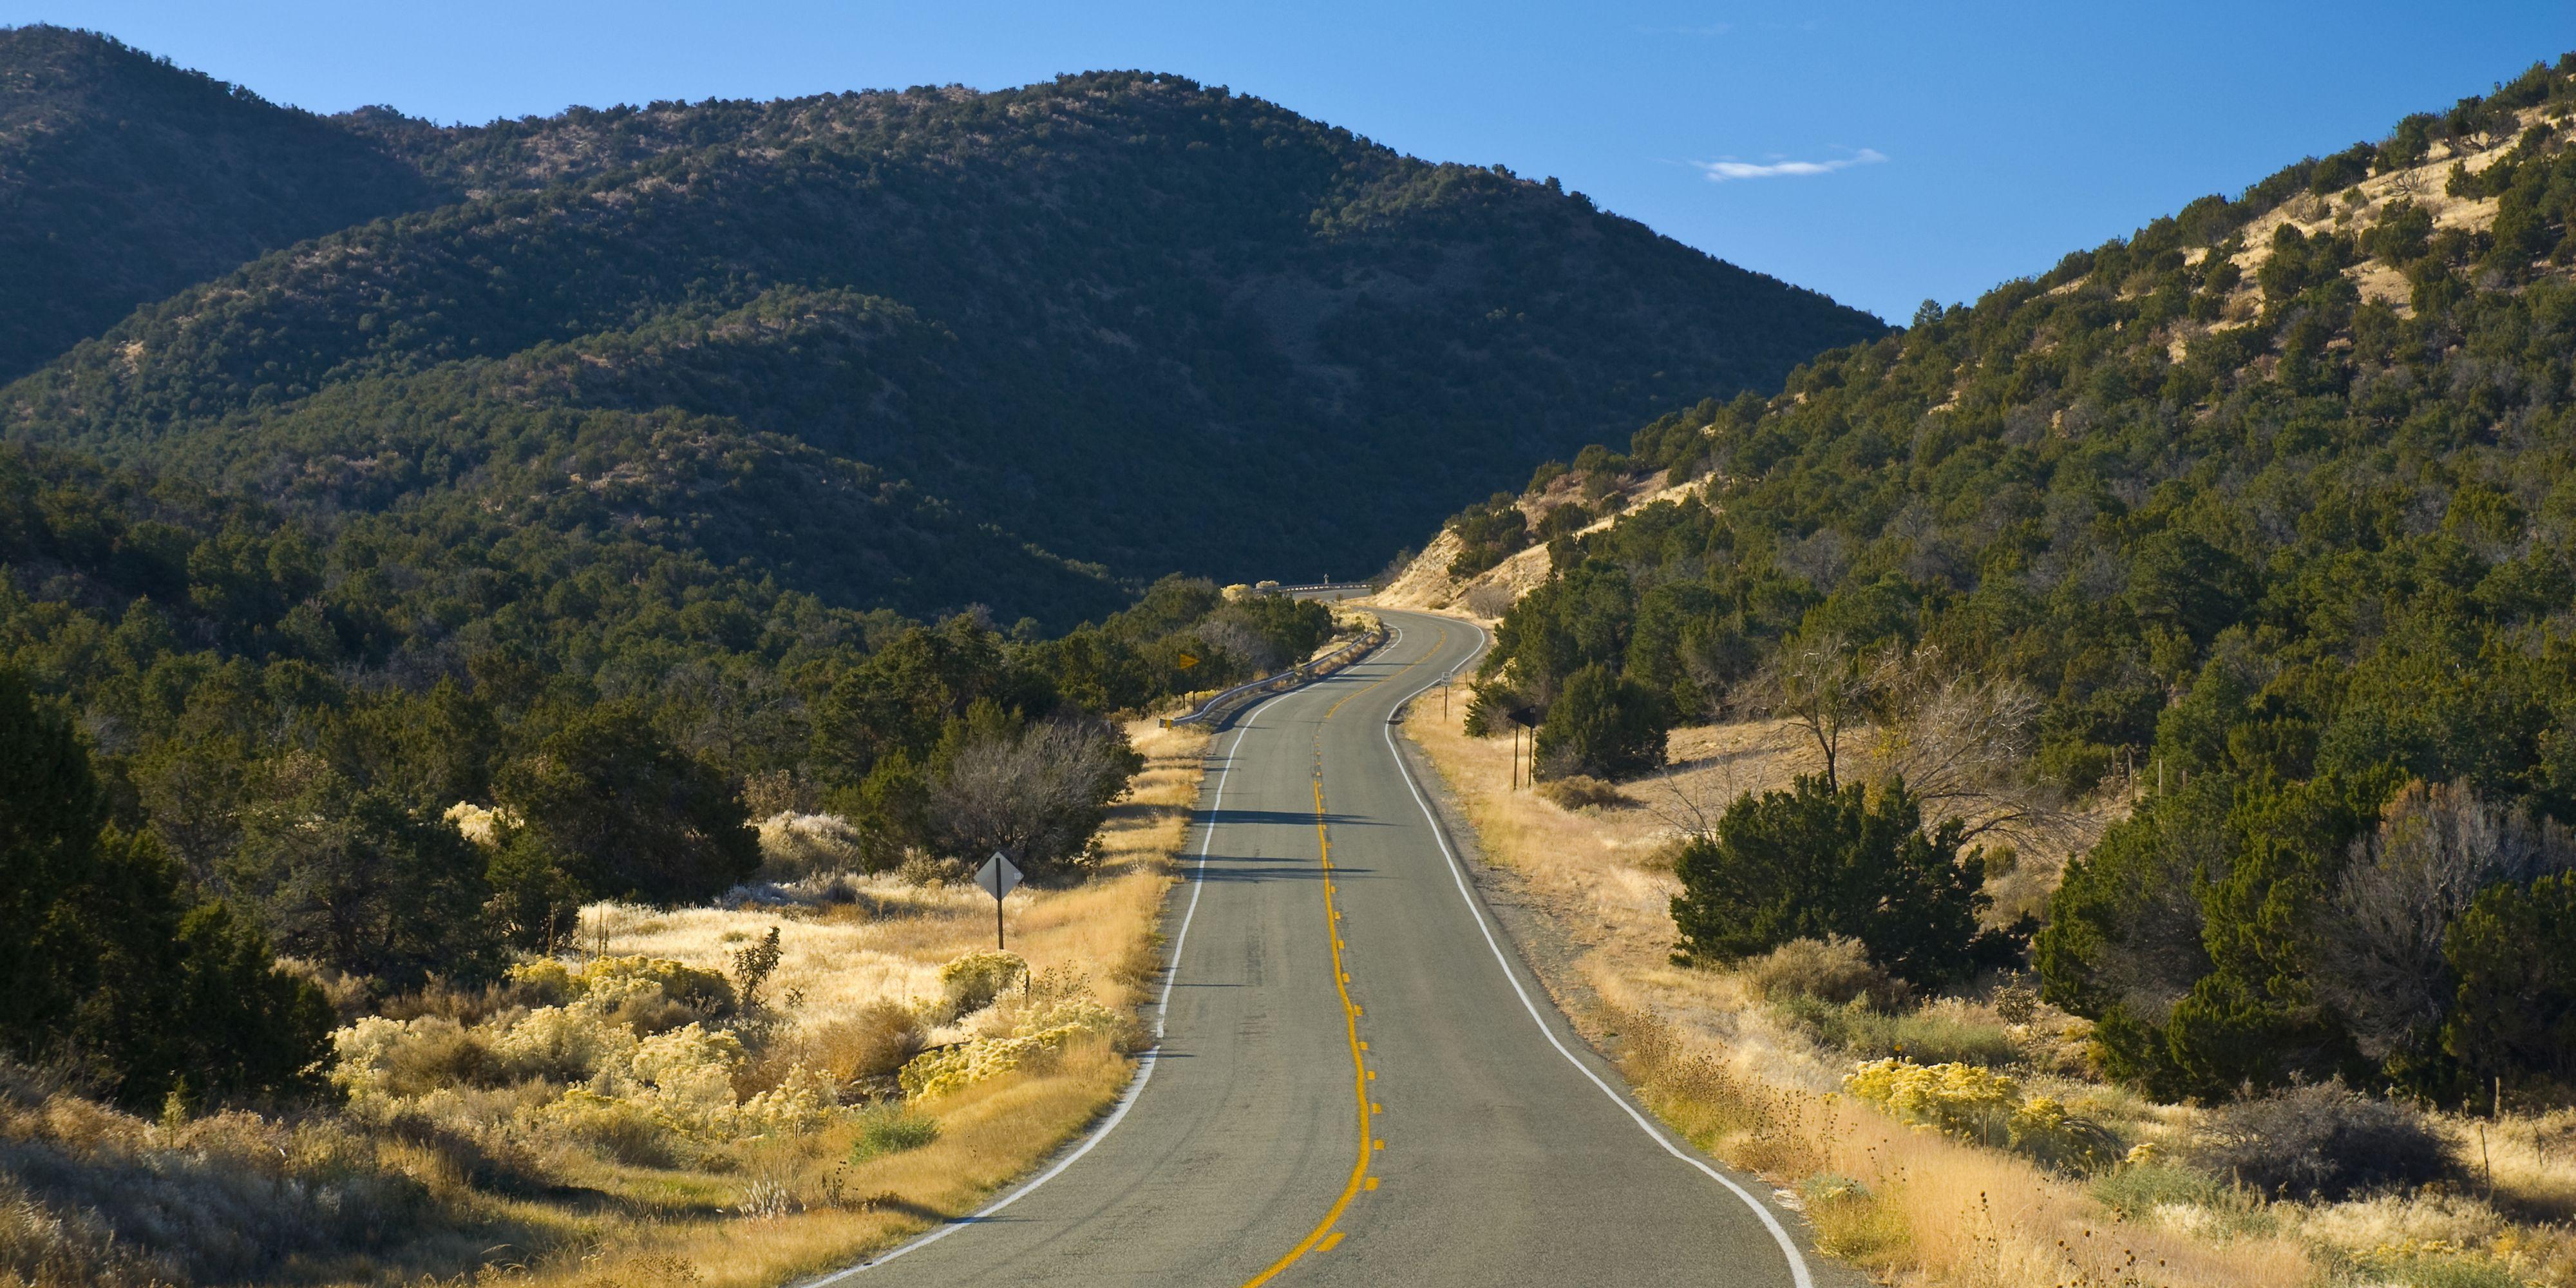 Turquoise Trail - Albuquerque and Santa Fe